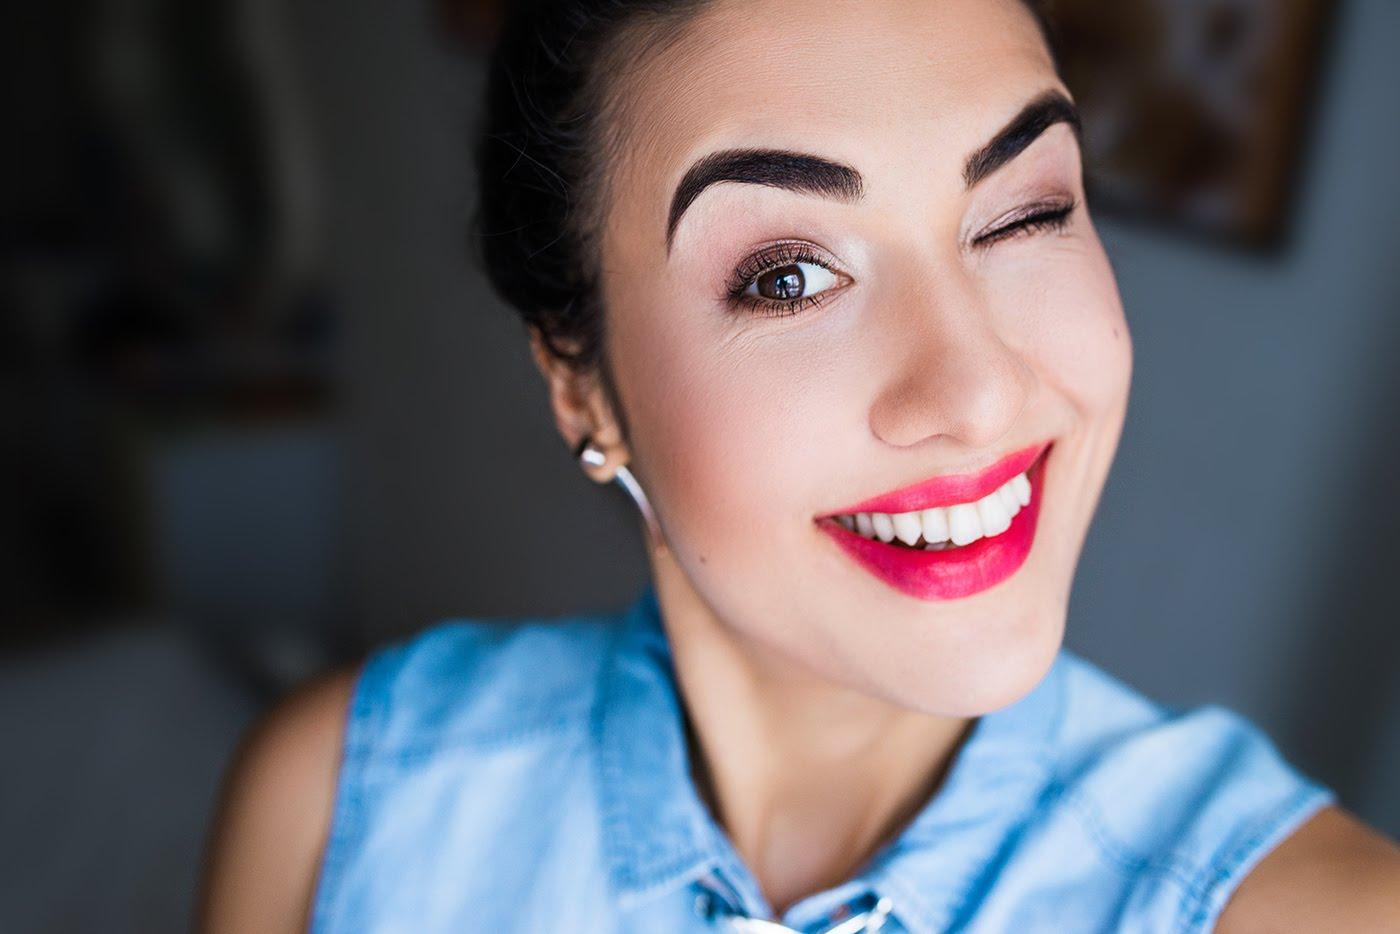 Брови определяют выражение вашего лица, помните об этом, выбирая ту или иную форму